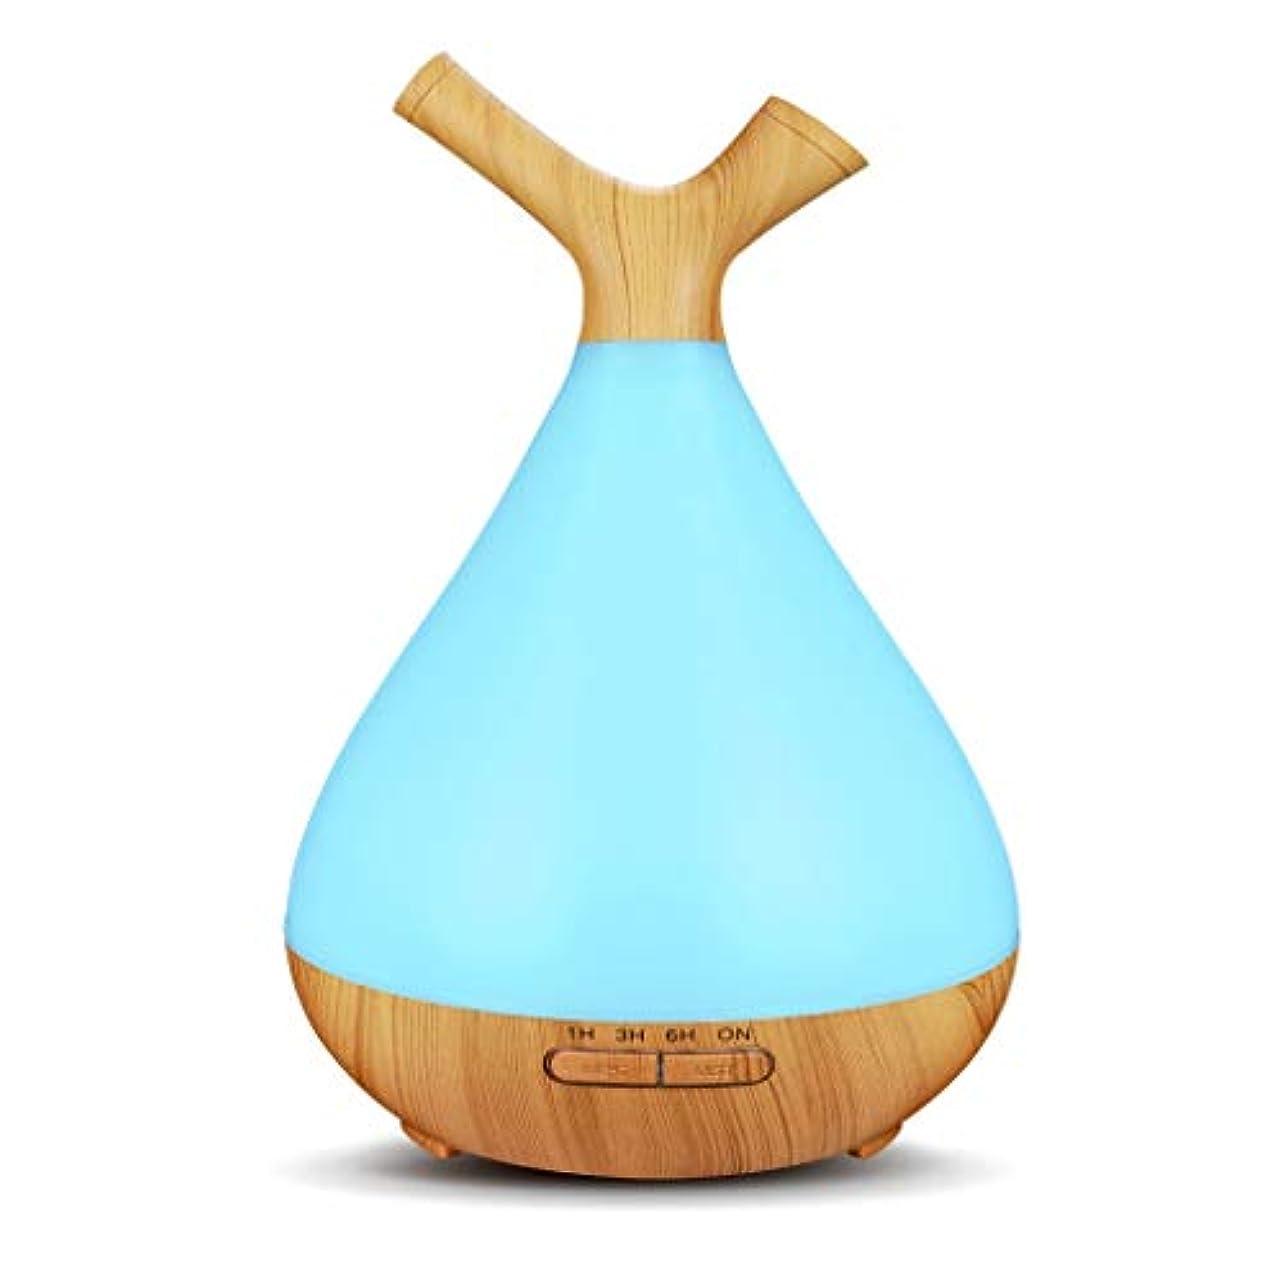 追加振り返る肘掛け椅子必須の拡散器の木製の穀物、居間の研究の寝室のオフィスのためのCoolClassic 400mlの木のタイプ加湿器、小さくそして絶妙な空気清浄器、 (Color : Light wood grain)